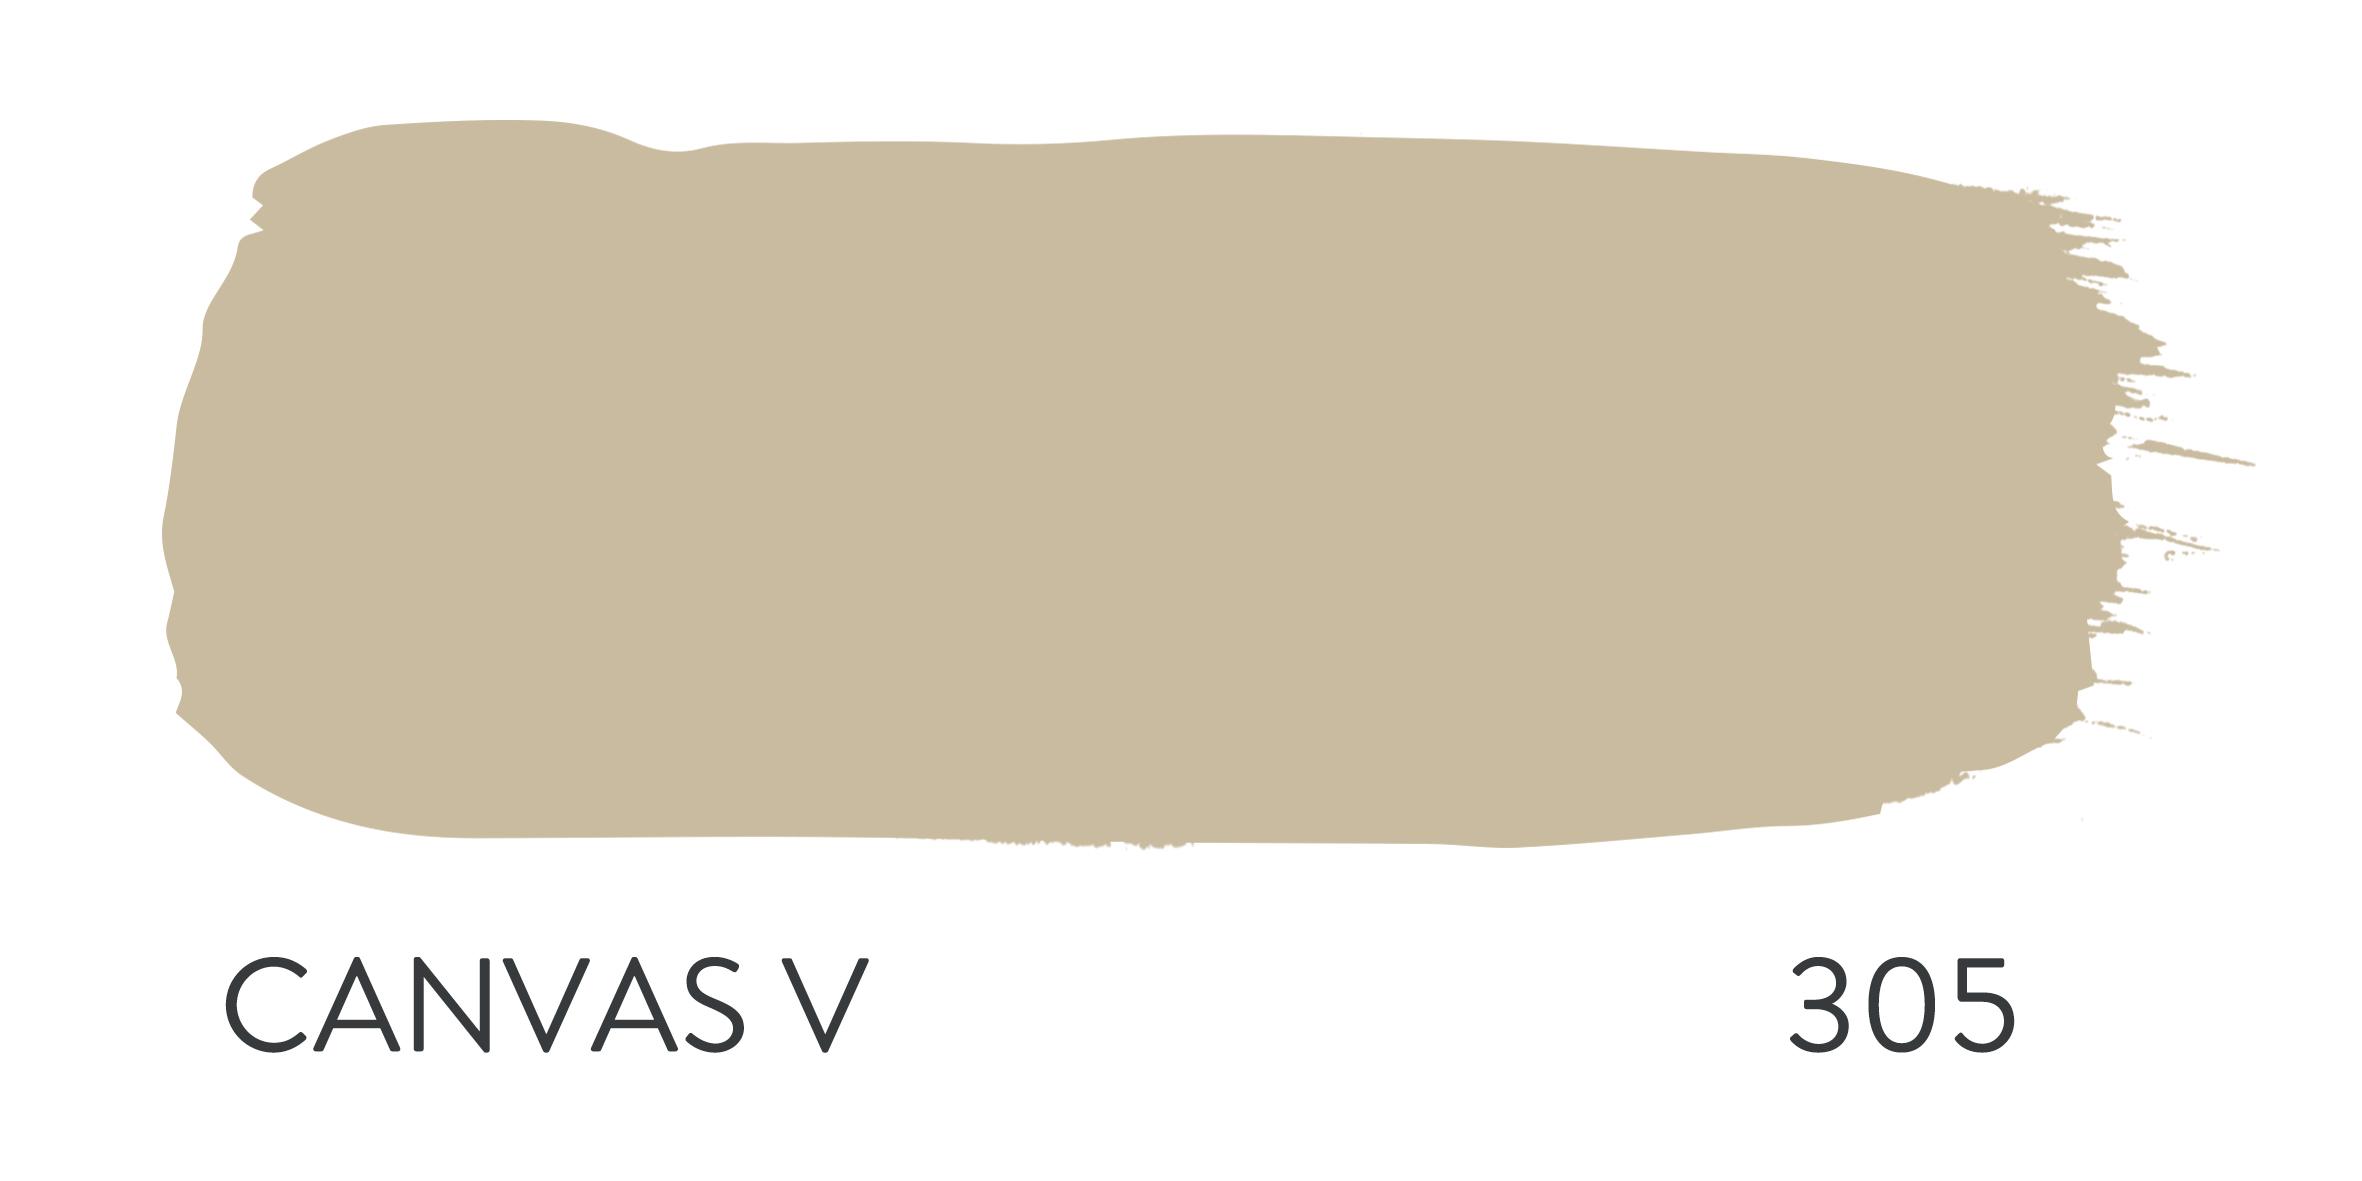 CANVAS V 305.jpg